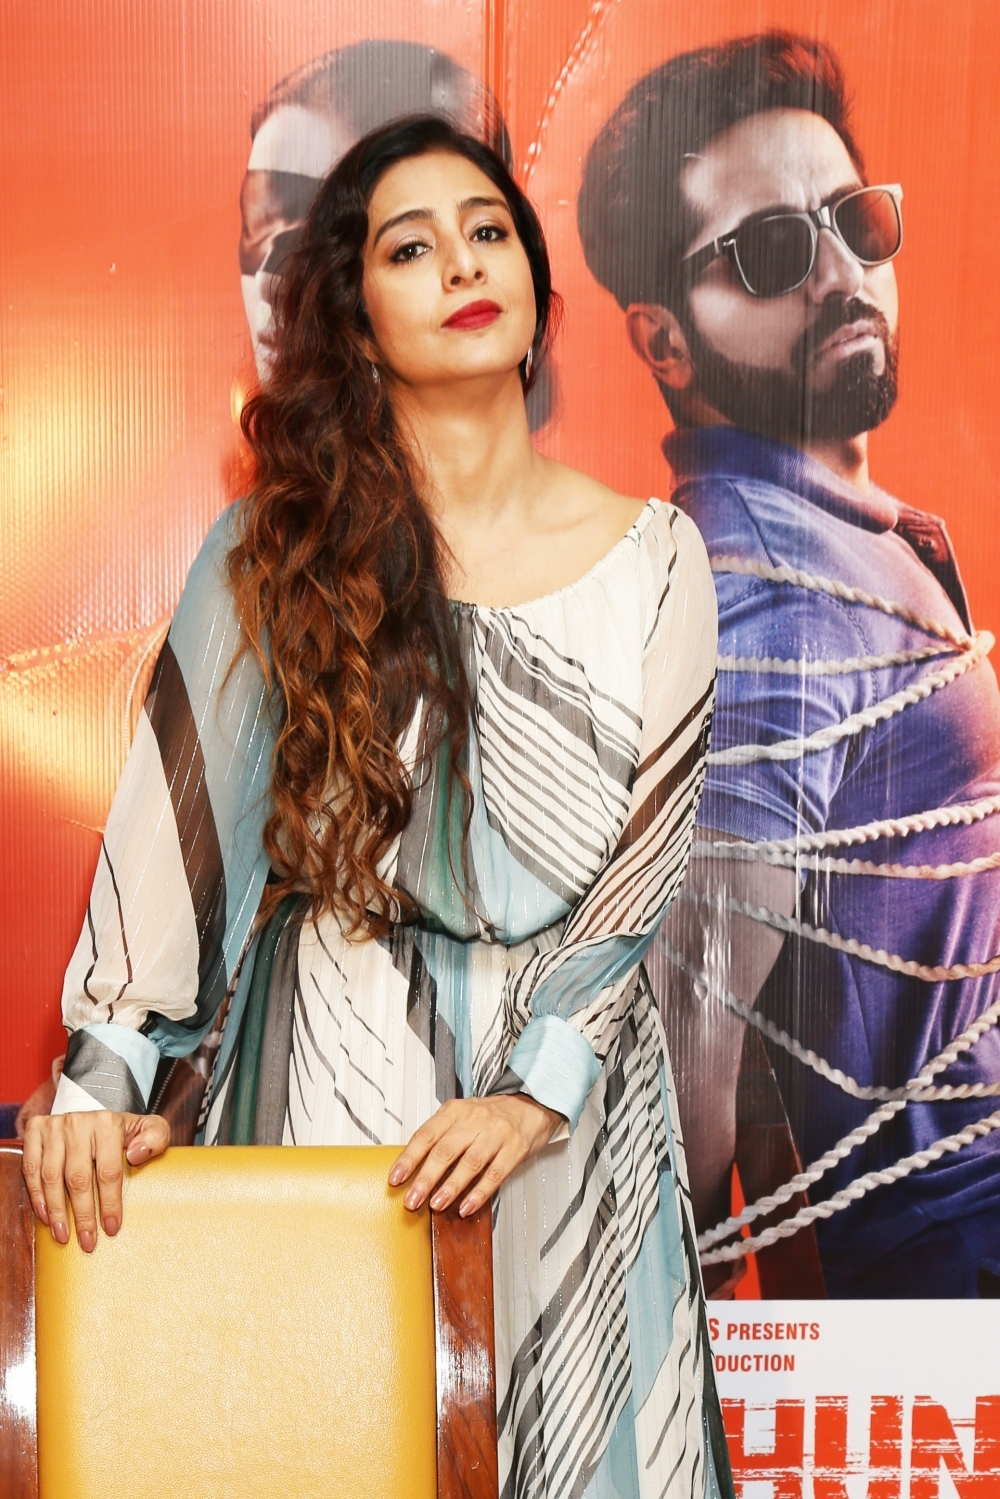 New Delhi: Actress Tabu during a press conference in New Delhi on Oct 4, 2018. (Photo: Amlan Paliwal/IANS)